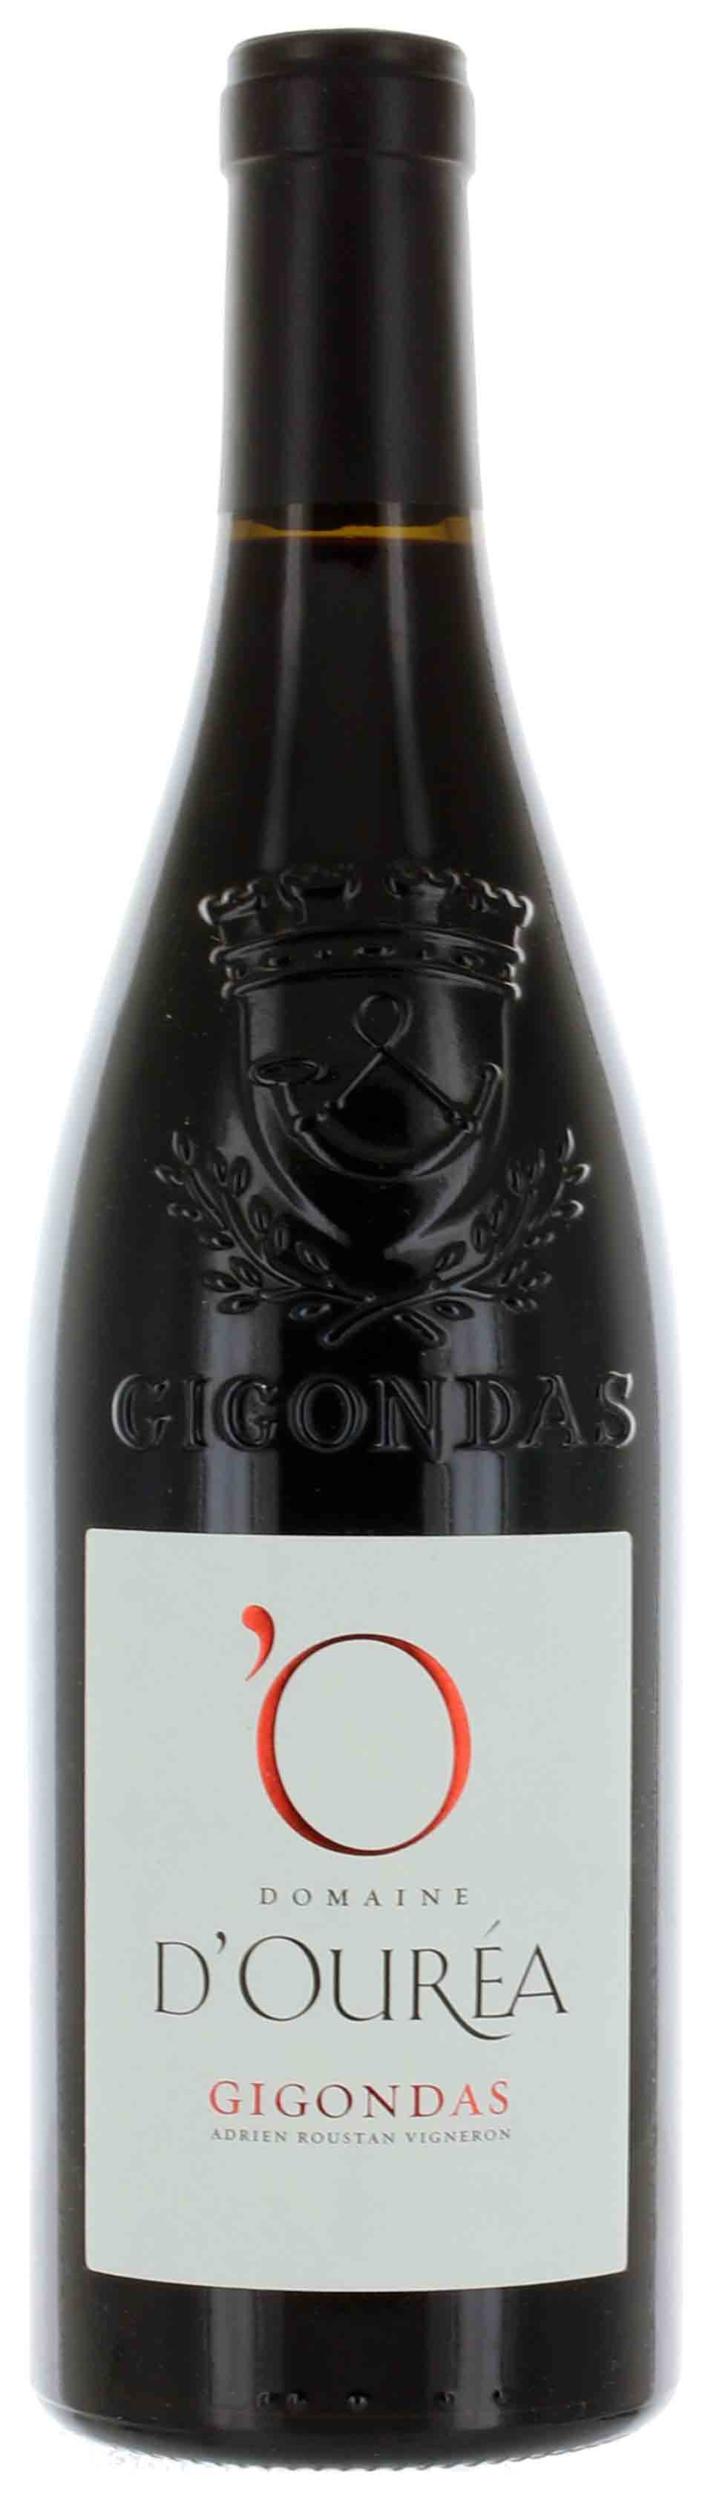 Gigondas - Domaine d\'Ourea - 2015 - BIO